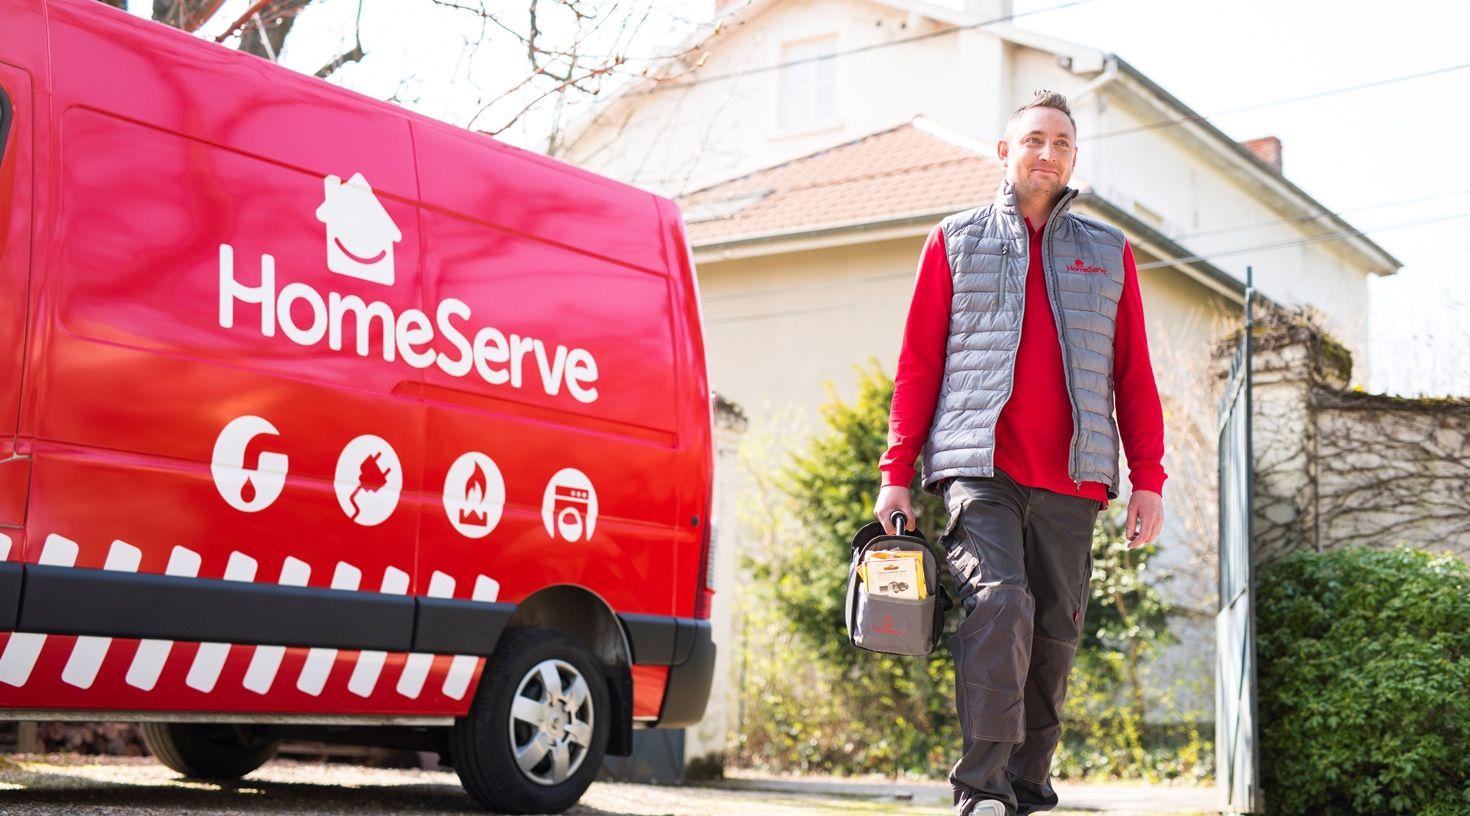 Profitez de notre expertise et de notre réseau de professionnels pour vos petits travaux, en faisant appel à notre service HomeServe à la demande.